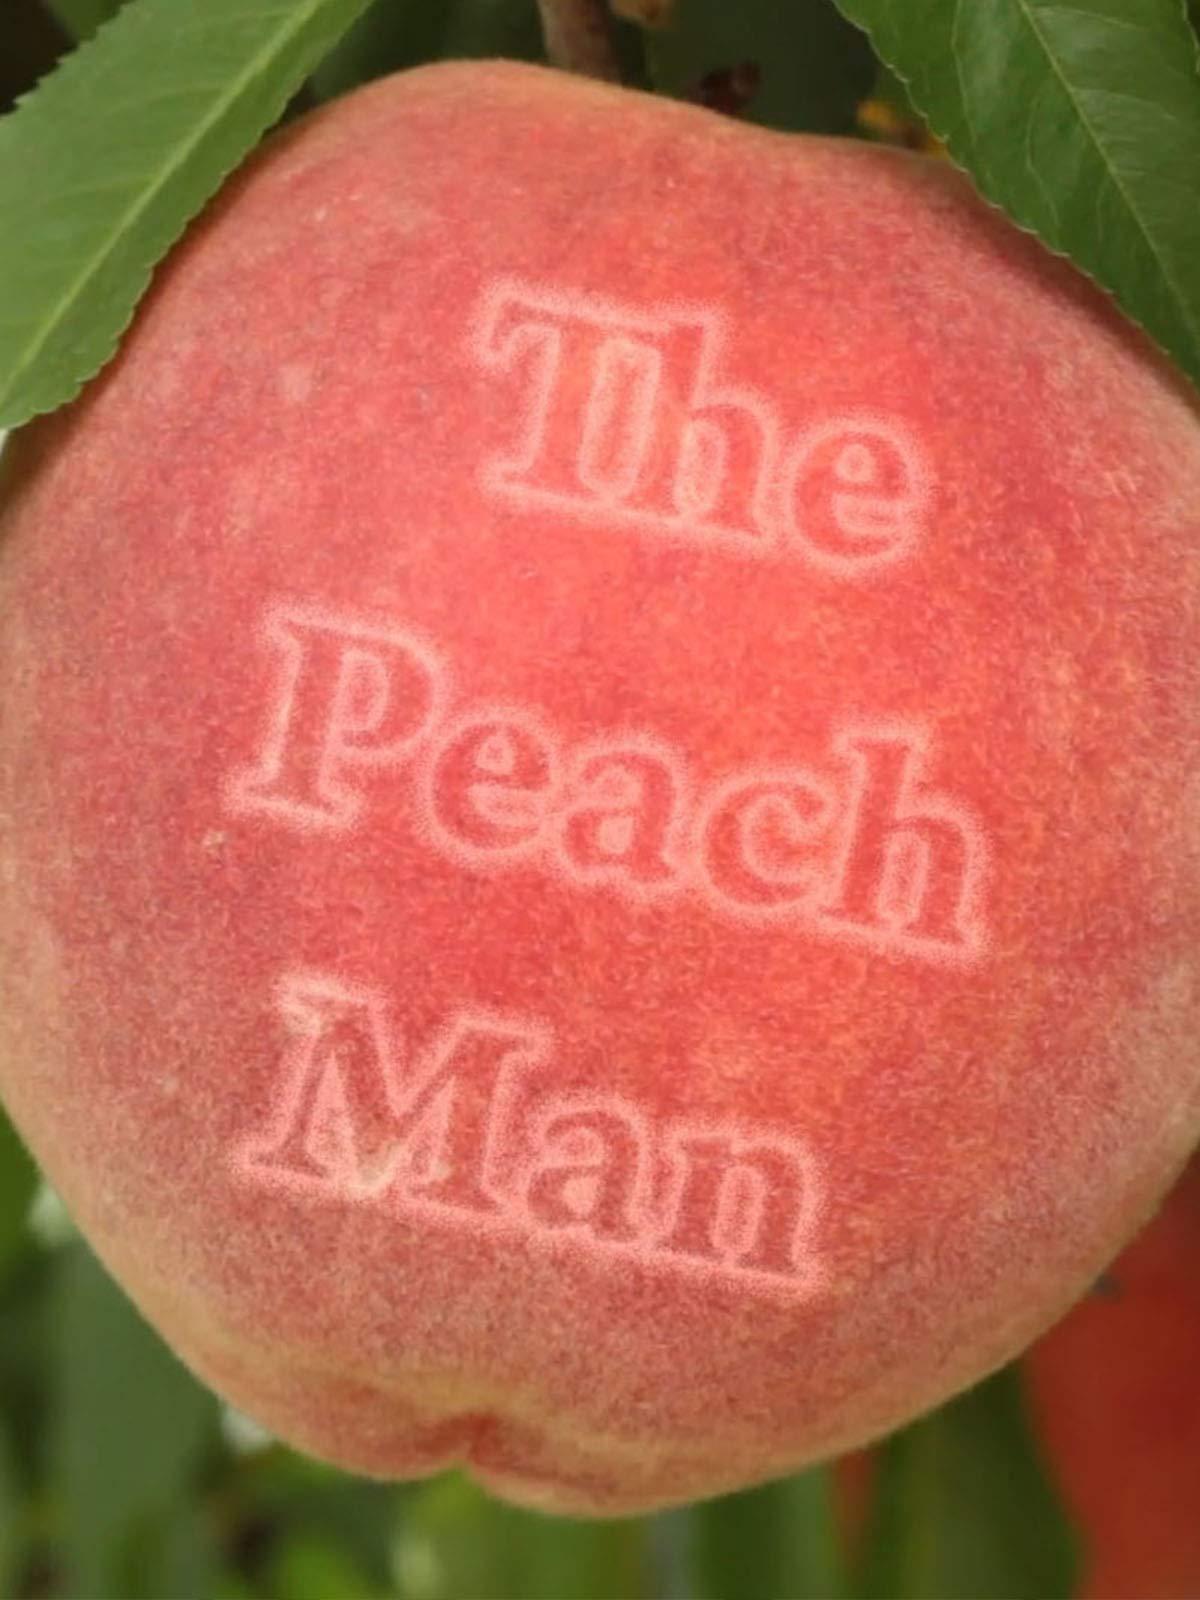 The Peach Man